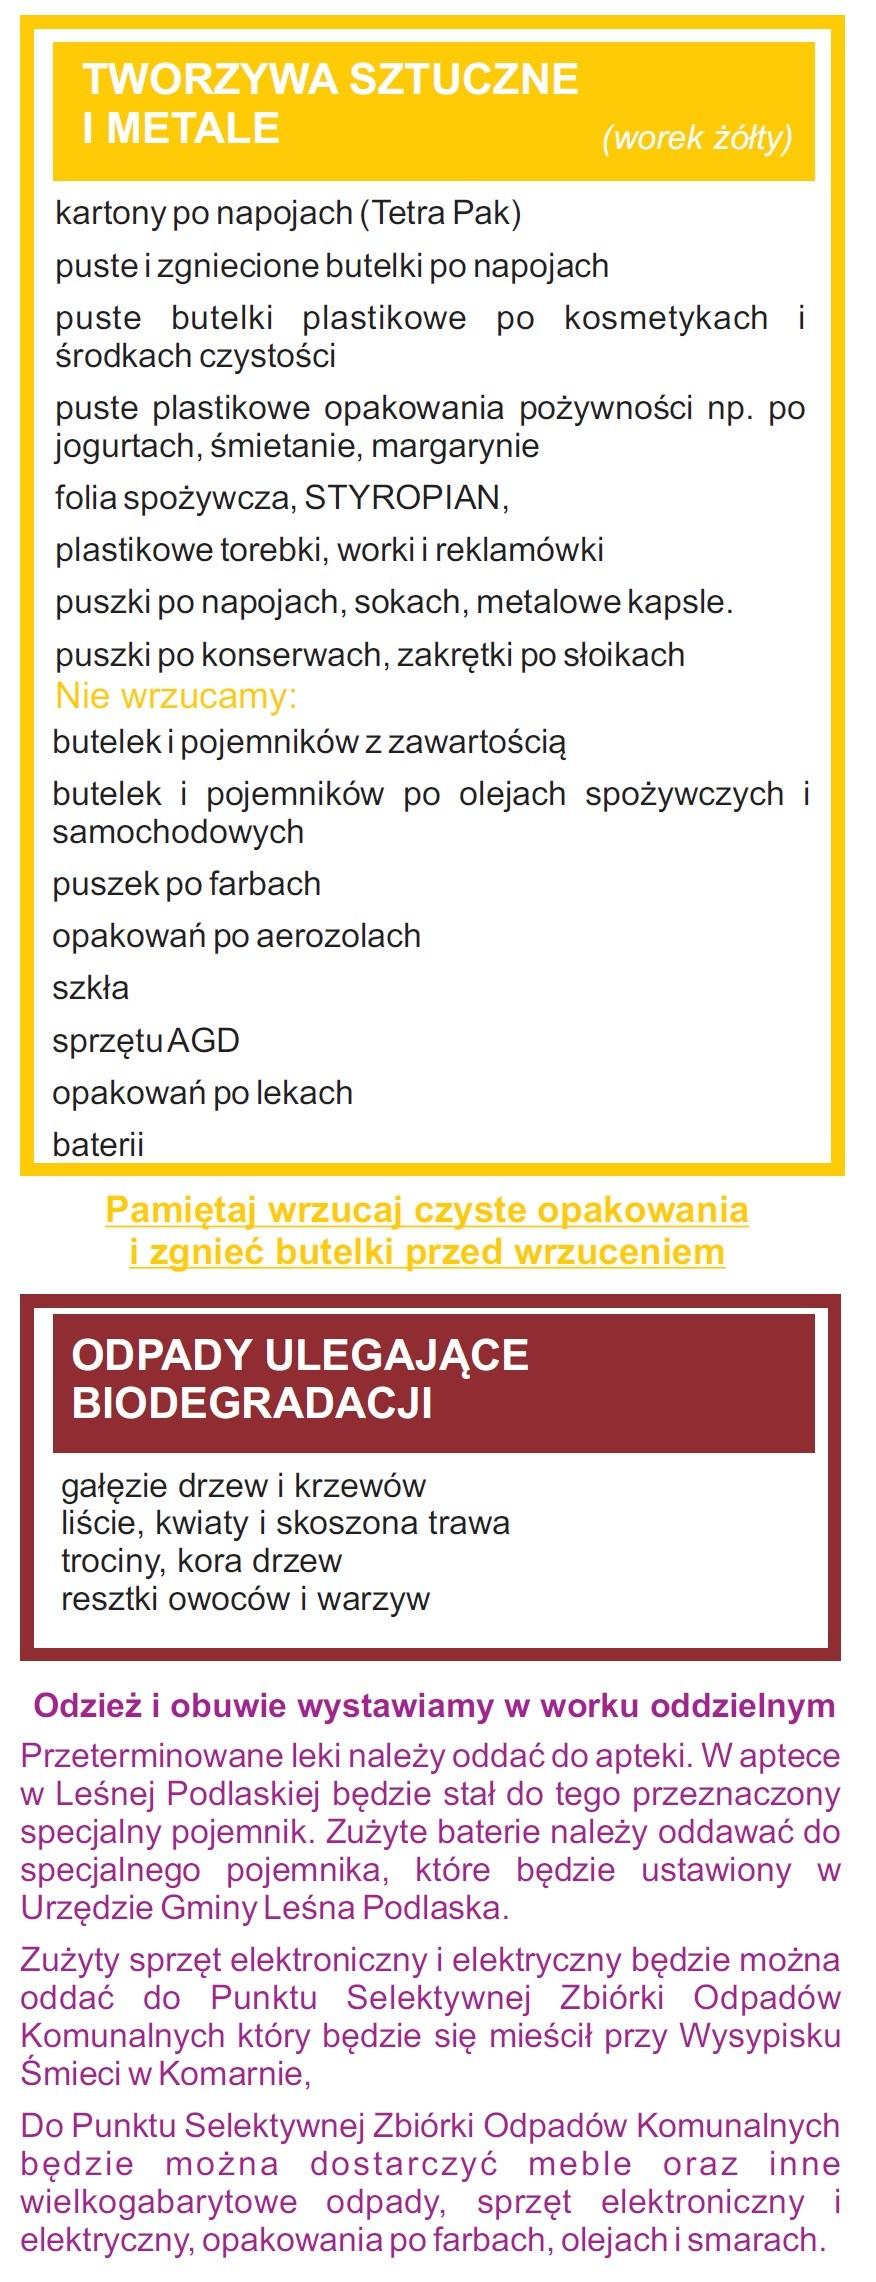 - 2013_segregacja_2.jpg